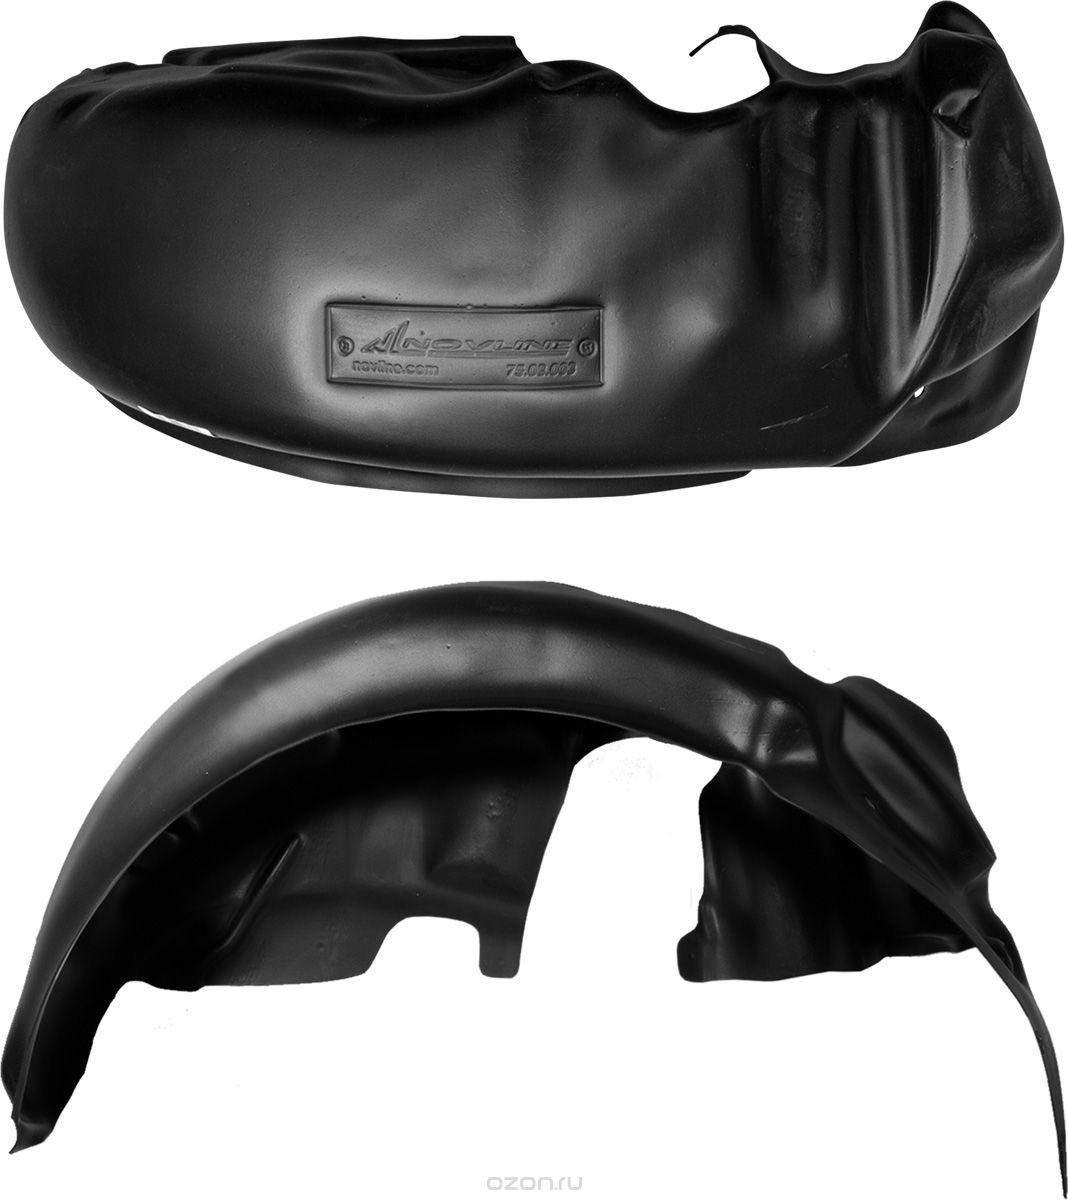 Подкрылок Novline-Autofamily, для Peugeot 107, 2005-2014, передний левыйNLL.38.07.001Идеальная защита колесной ниши. Локеры разработаны с применением цифровых технологий, гарантируют максимальную повторяемость поверхности арки. Изделия устанавливаются без нарушения лакокрасочного покрытия автомобиля, каждый подкрылок комплектуется крепежом. Уважаемые клиенты, обращаем ваше внимание, что фотографии на подкрылки универсальные и не отражают реальную форму изделия. При этом само изделие идет точно под размер указанного автомобиля.